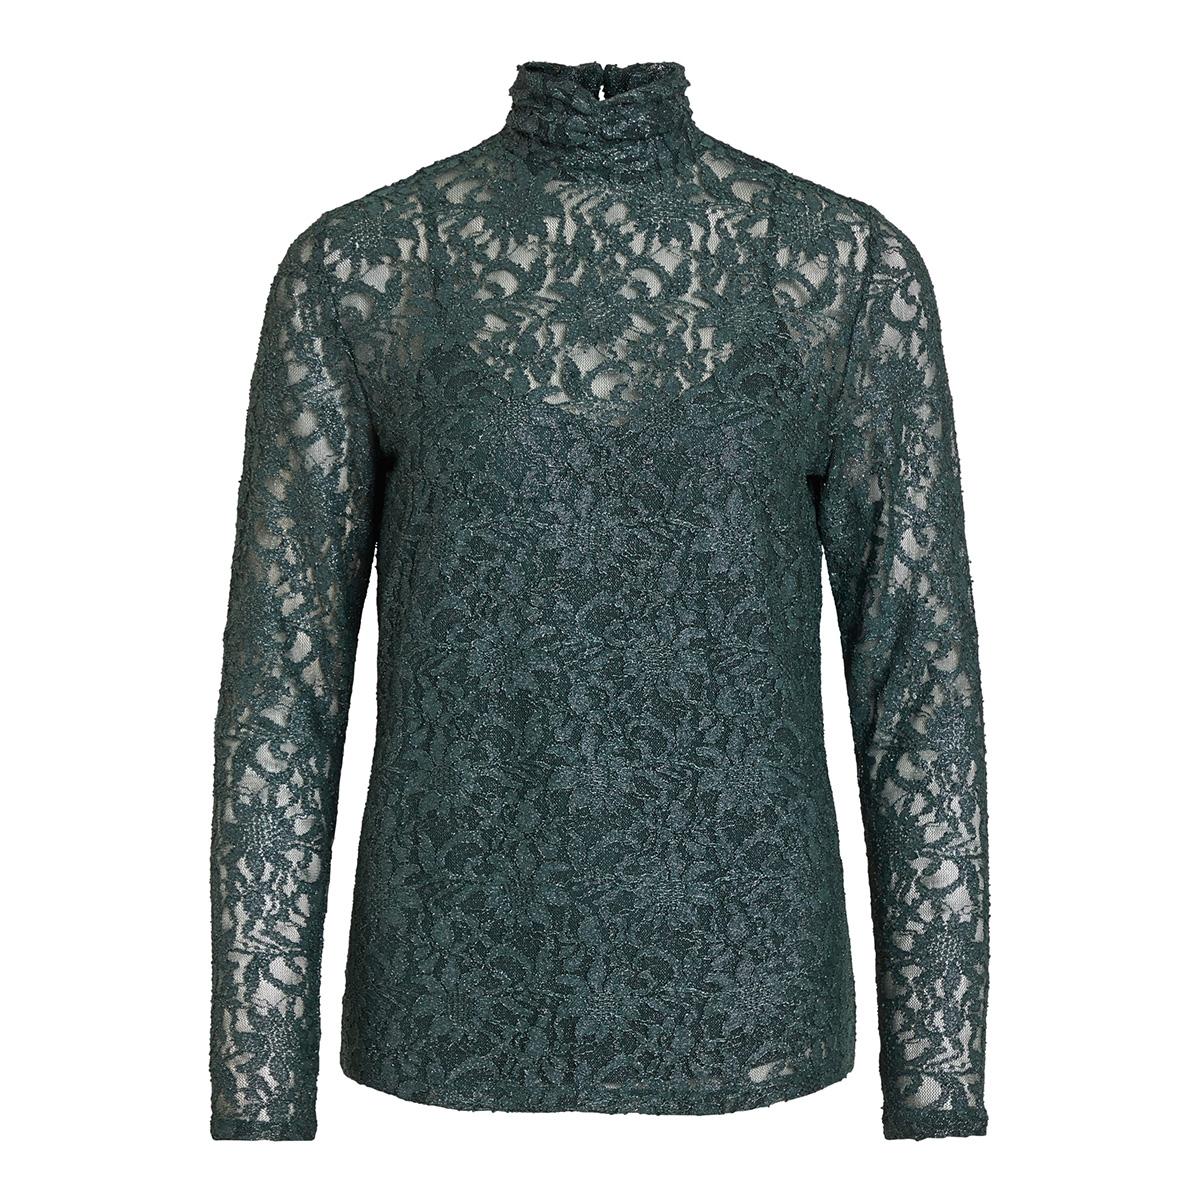 vivistin l/s top/ki 14054547 vila t-shirt pine grove/w. silver